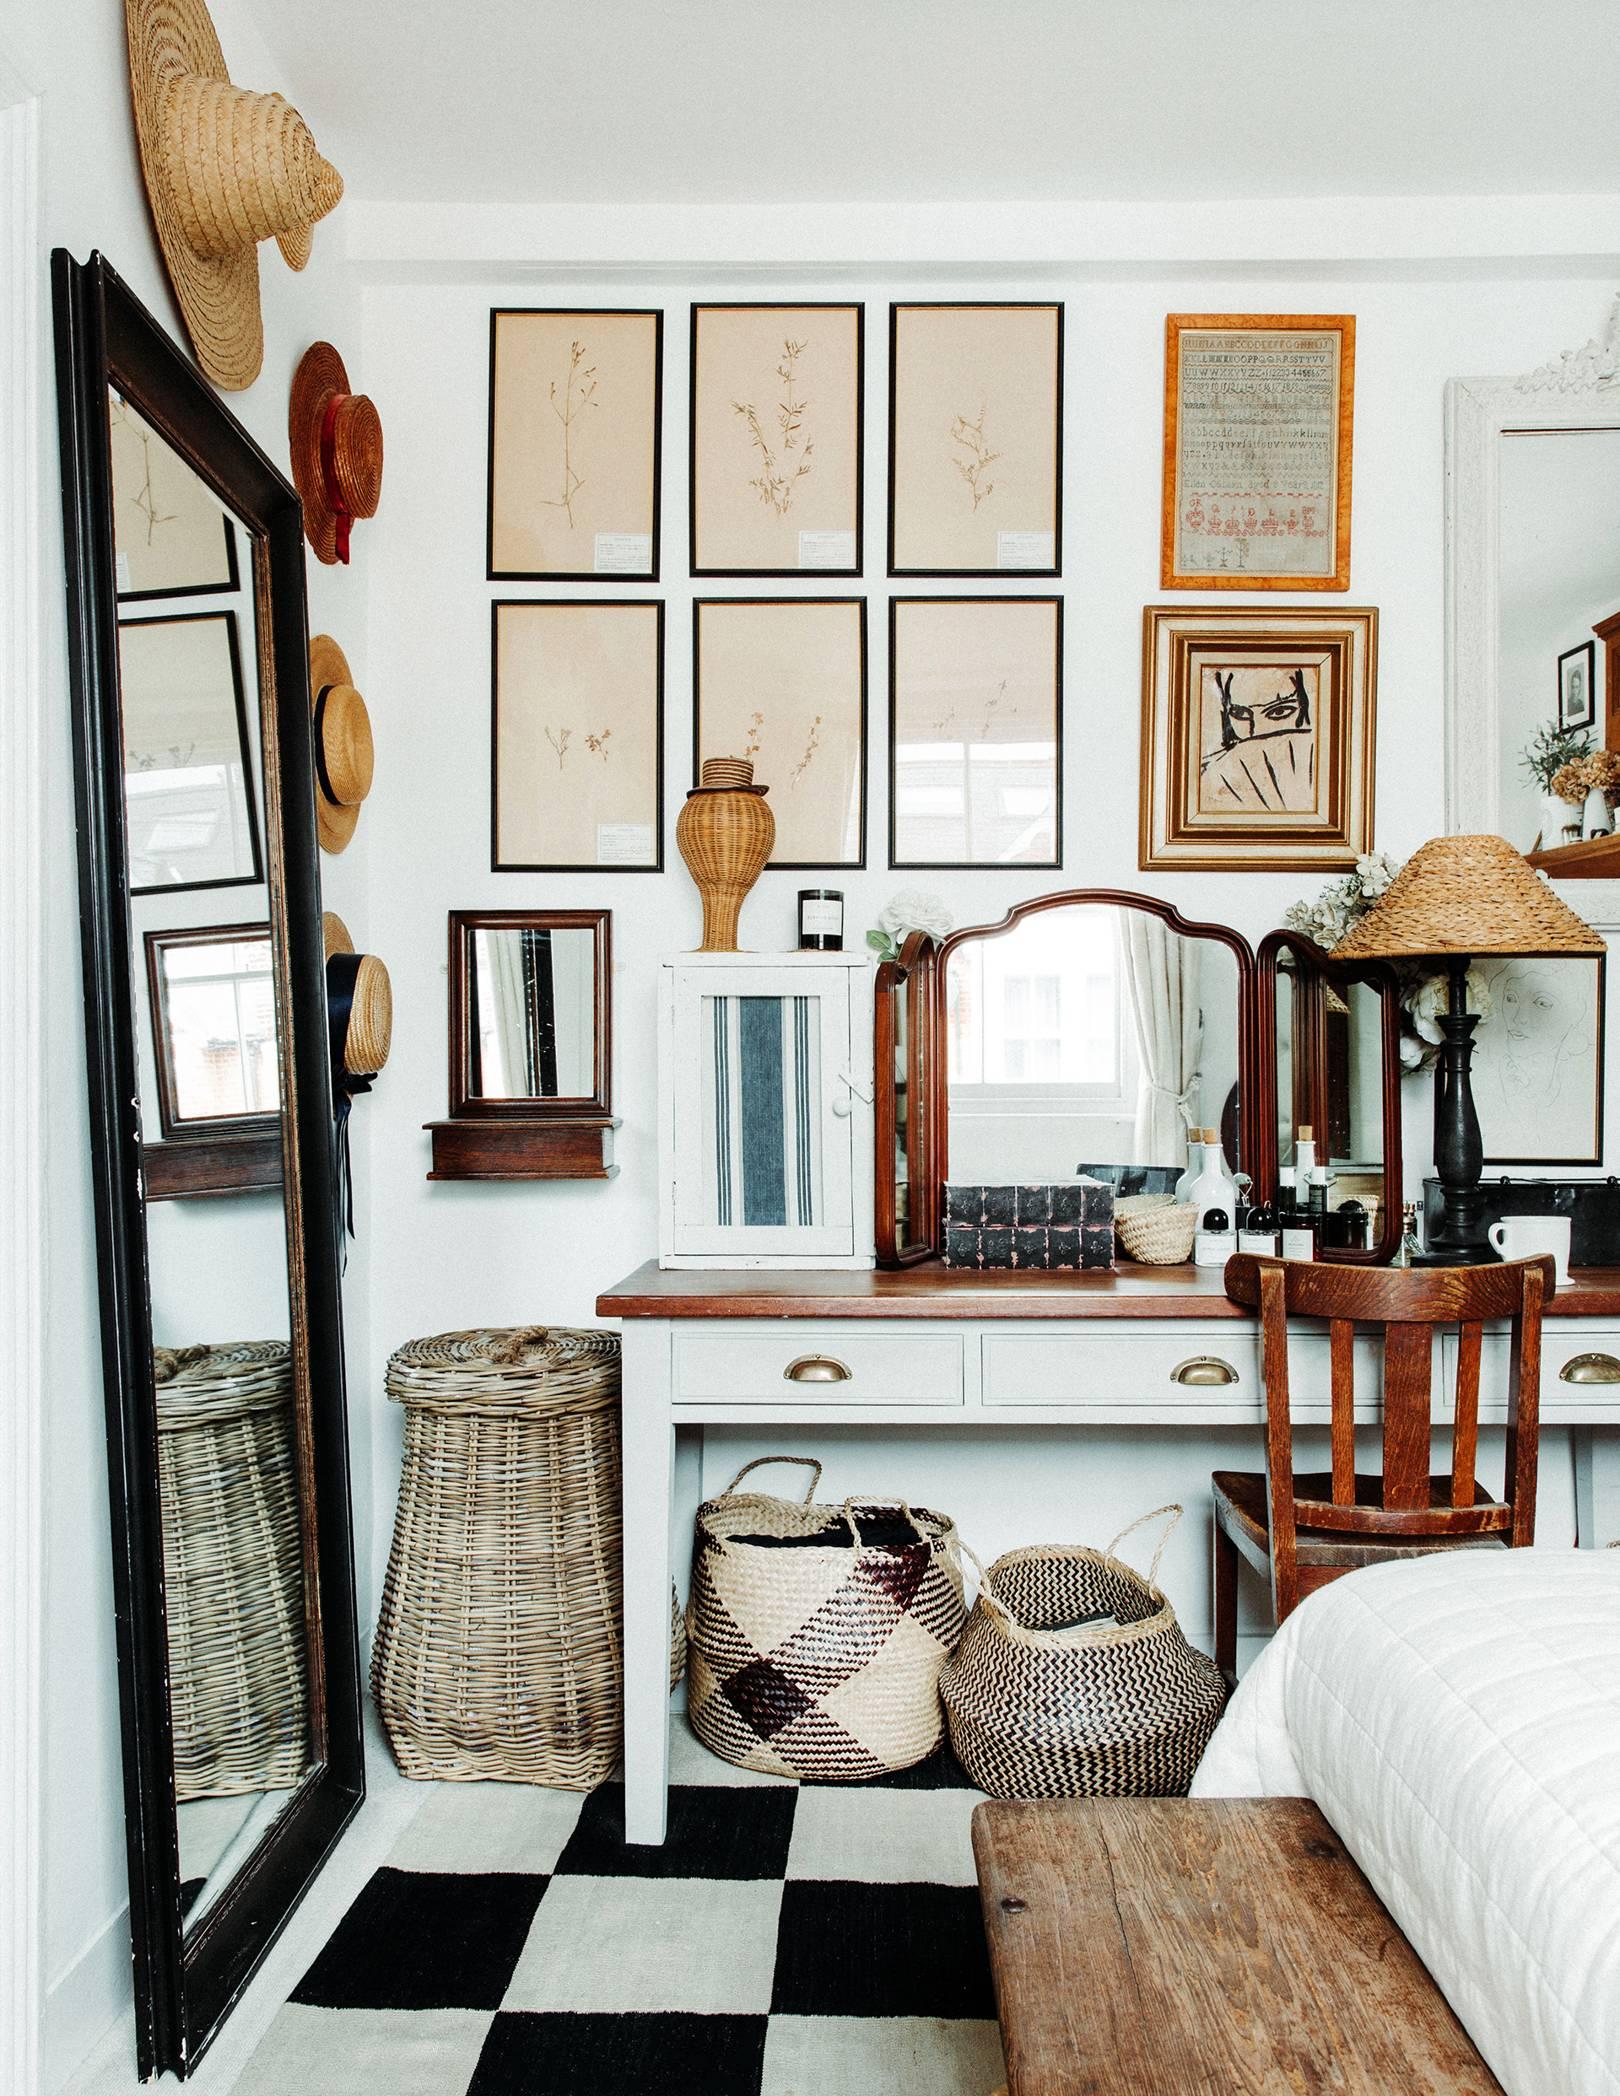 l'art et la texture en couches dans une petite chambre | visite de la maison de la dent violette